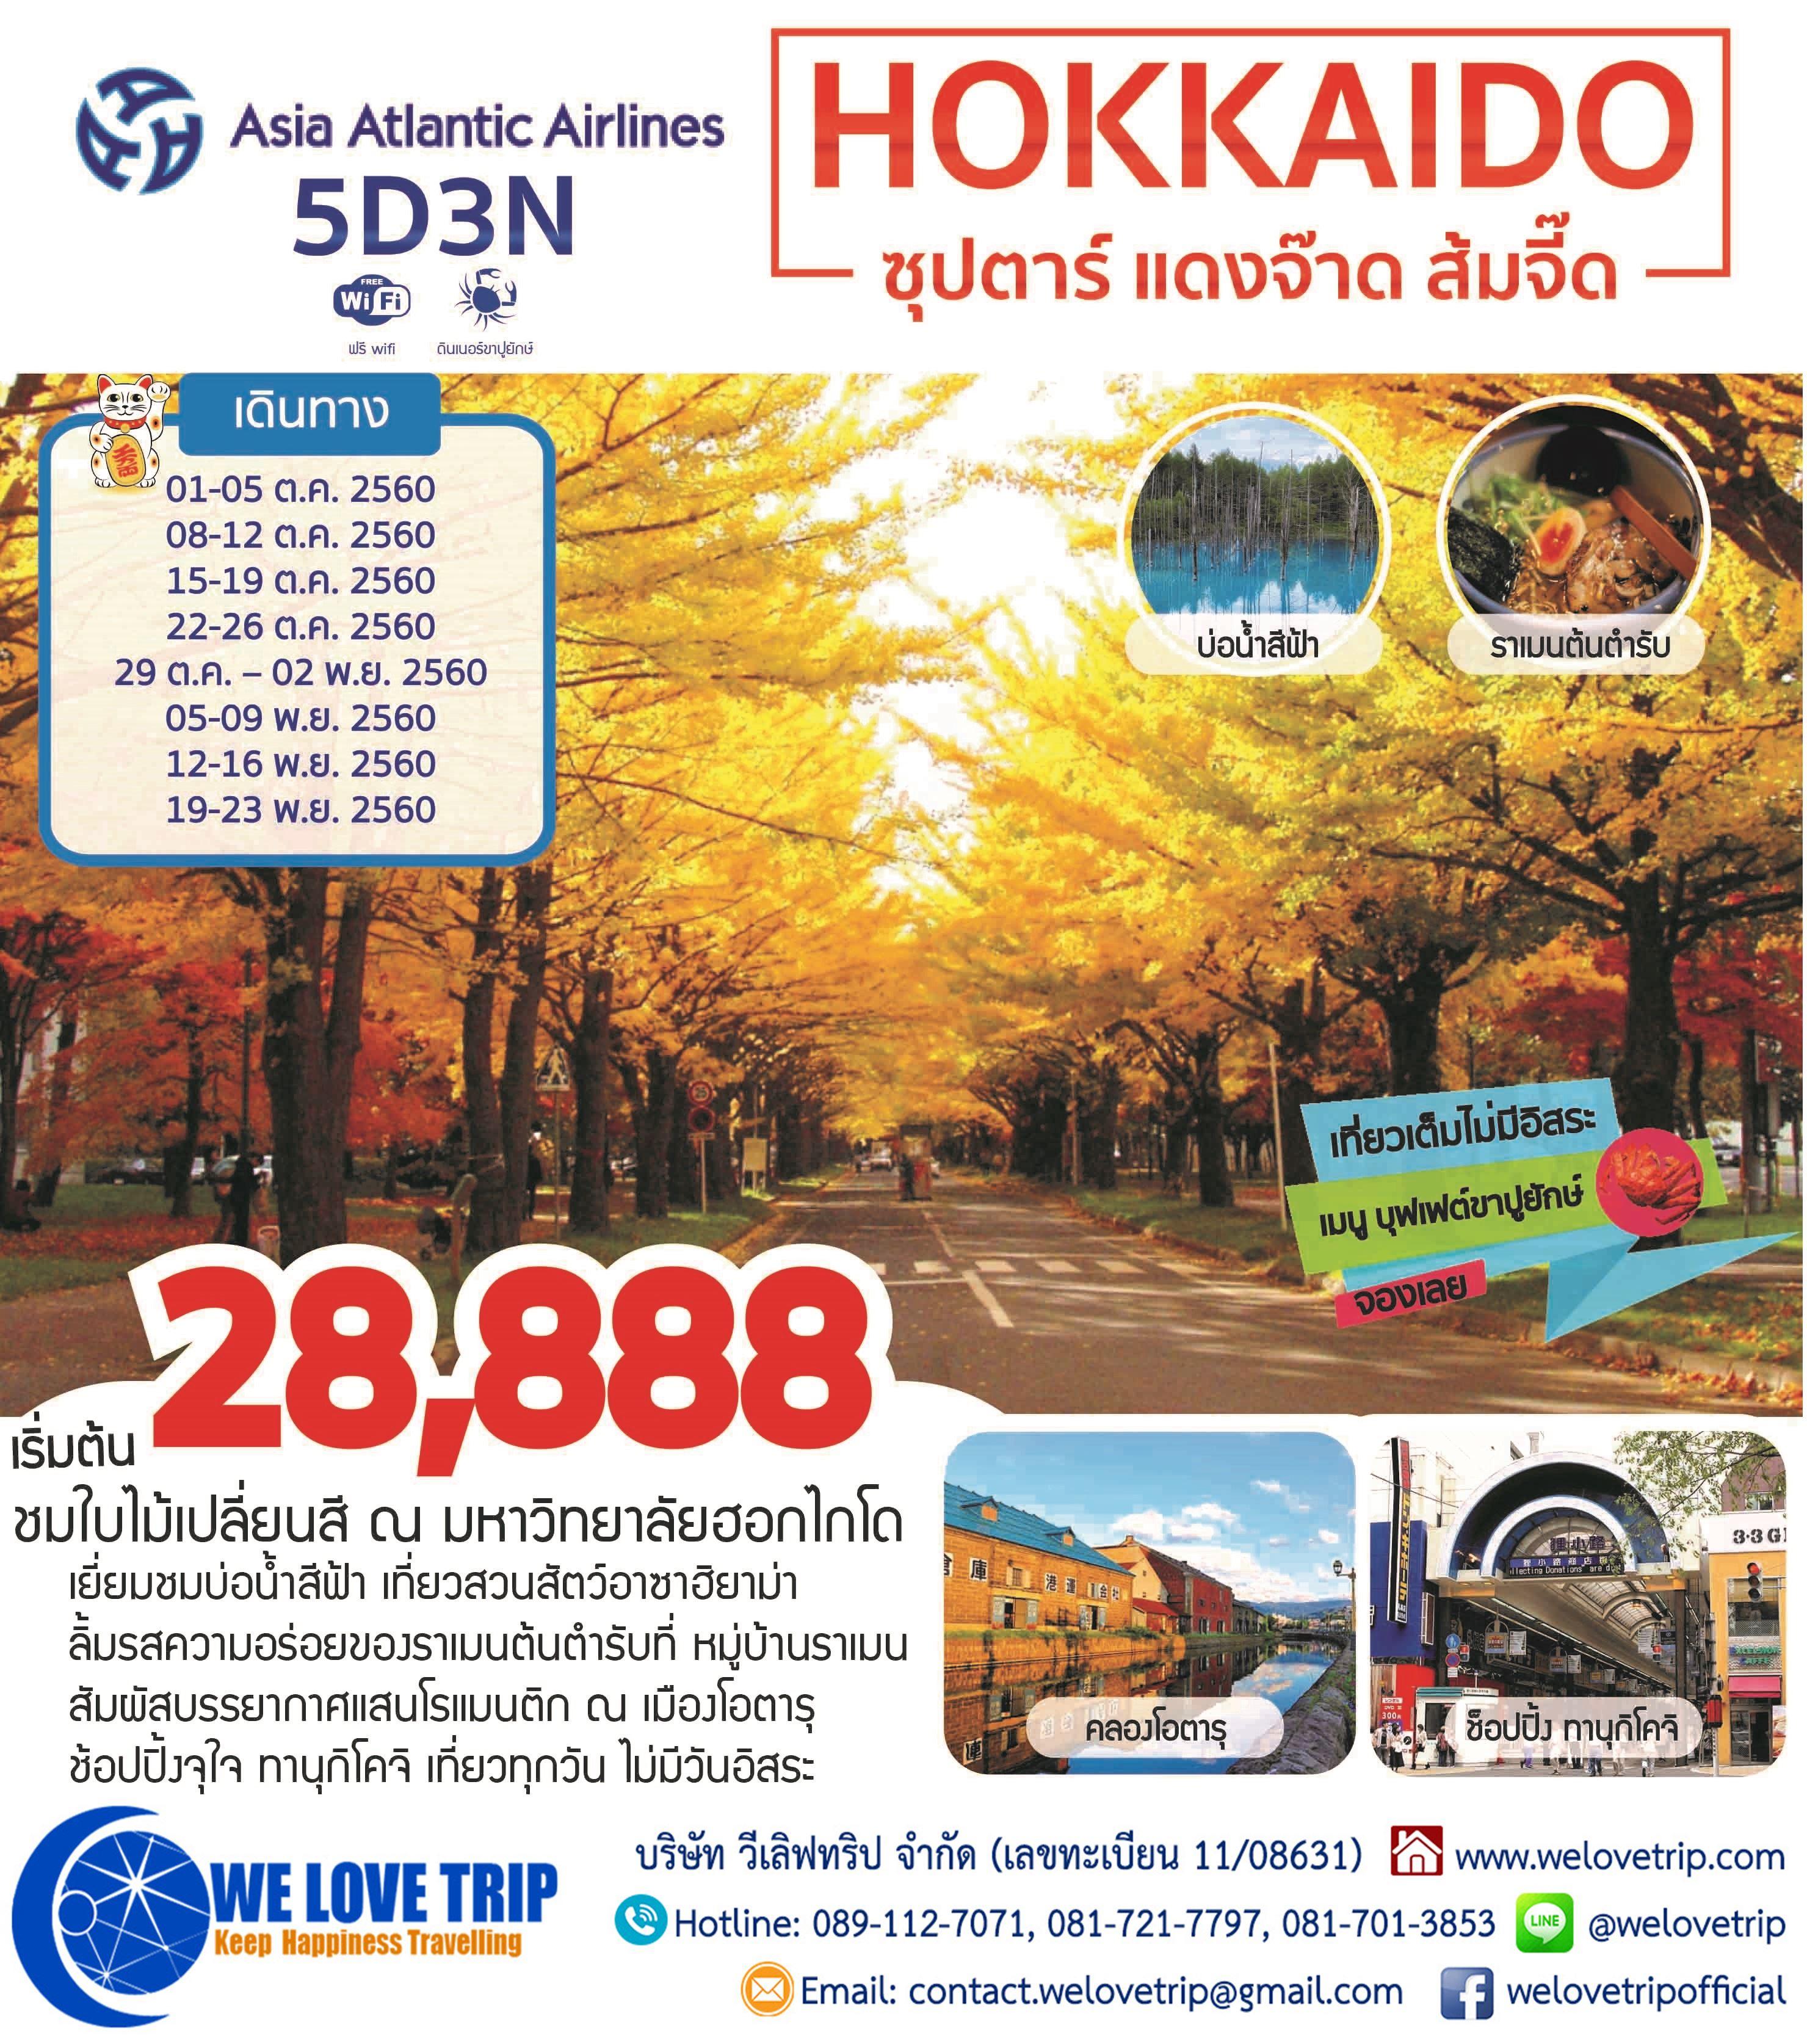 HB18 ใบไม้เปลี่ยนสีญี่ปุ่นฮอกไกโด 5วัน 3คืน (ตุลาคม – พฤศจิกายน 2560)